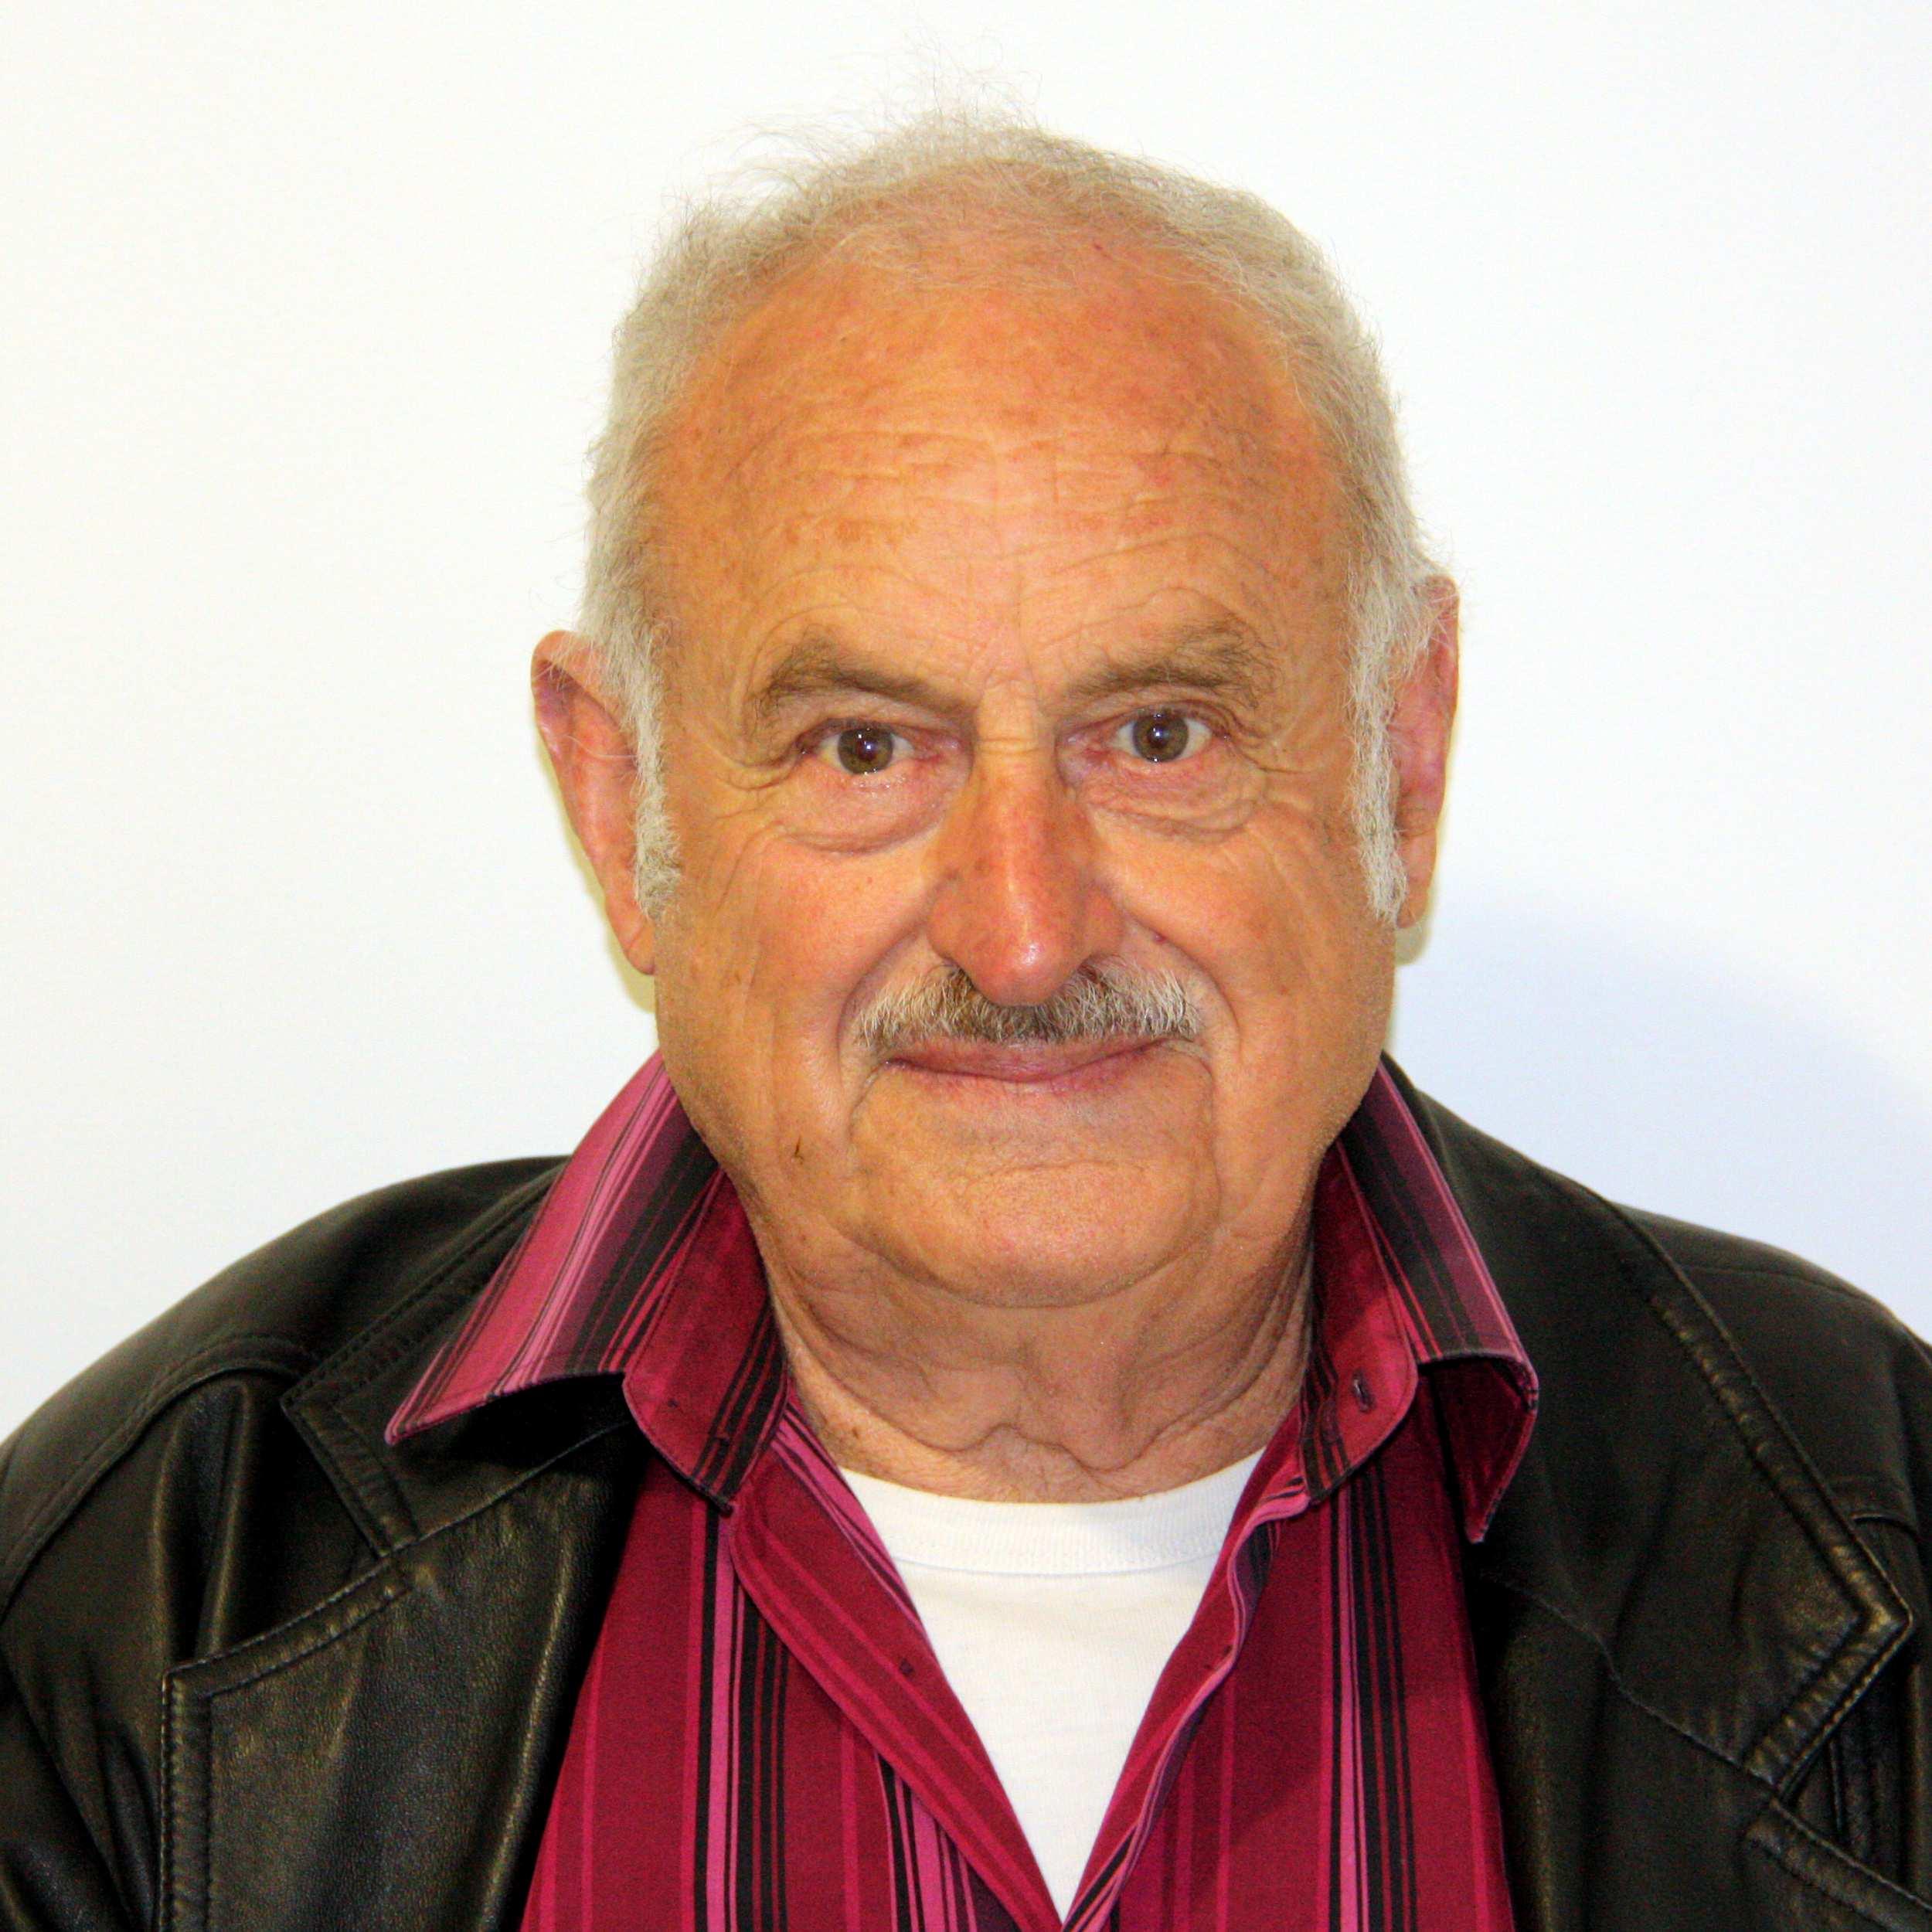 Robert Roumégoux